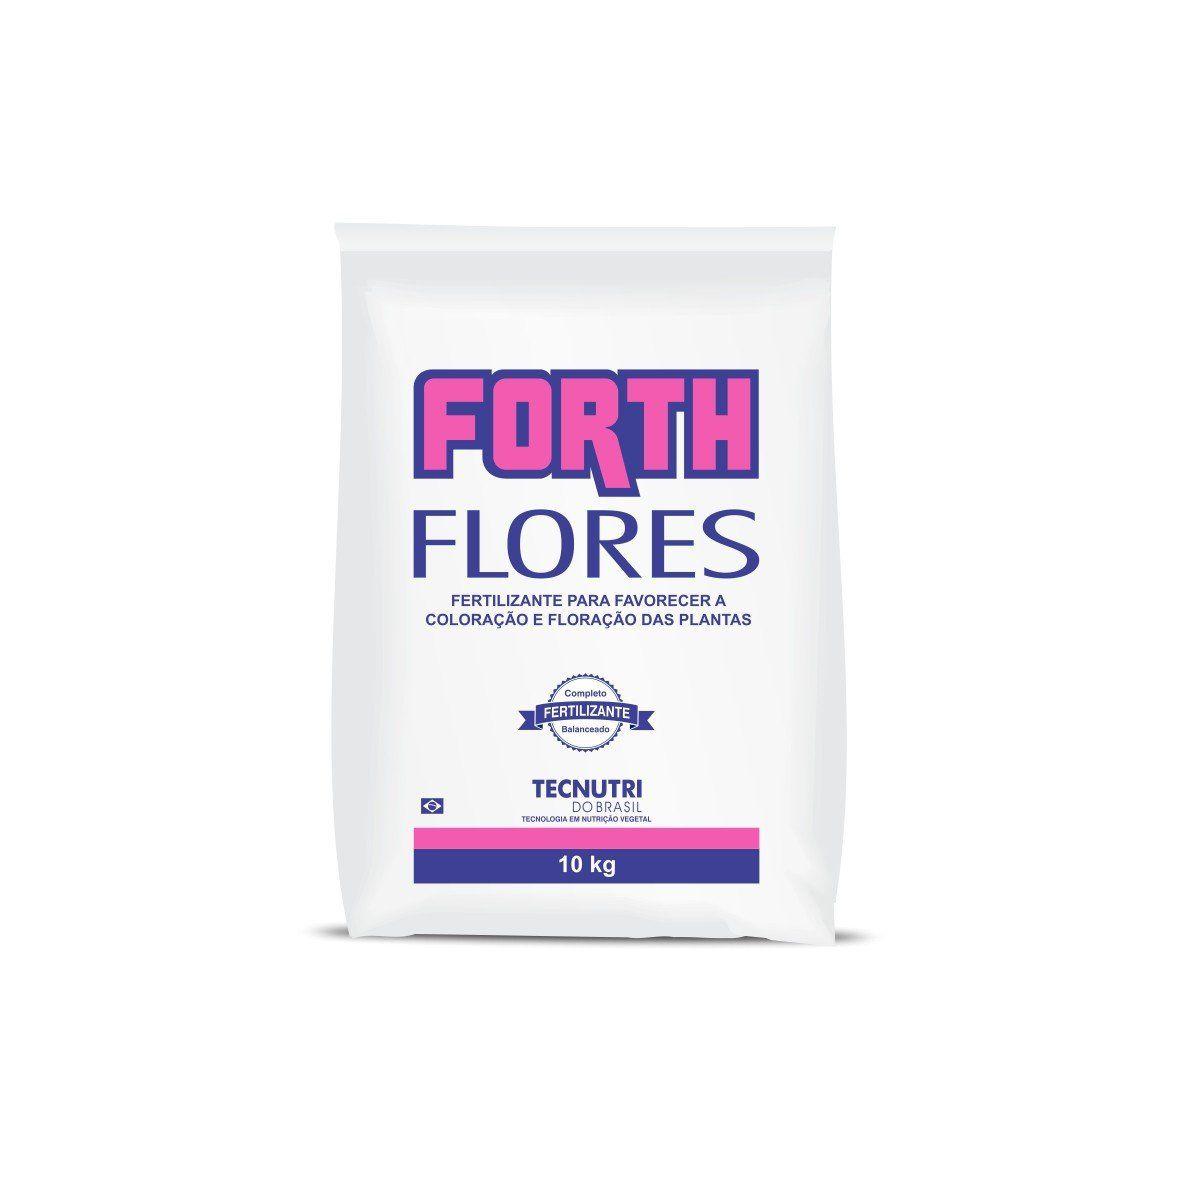 Adubo Fertilizante para Flores - FORTH Flores - 10 kg